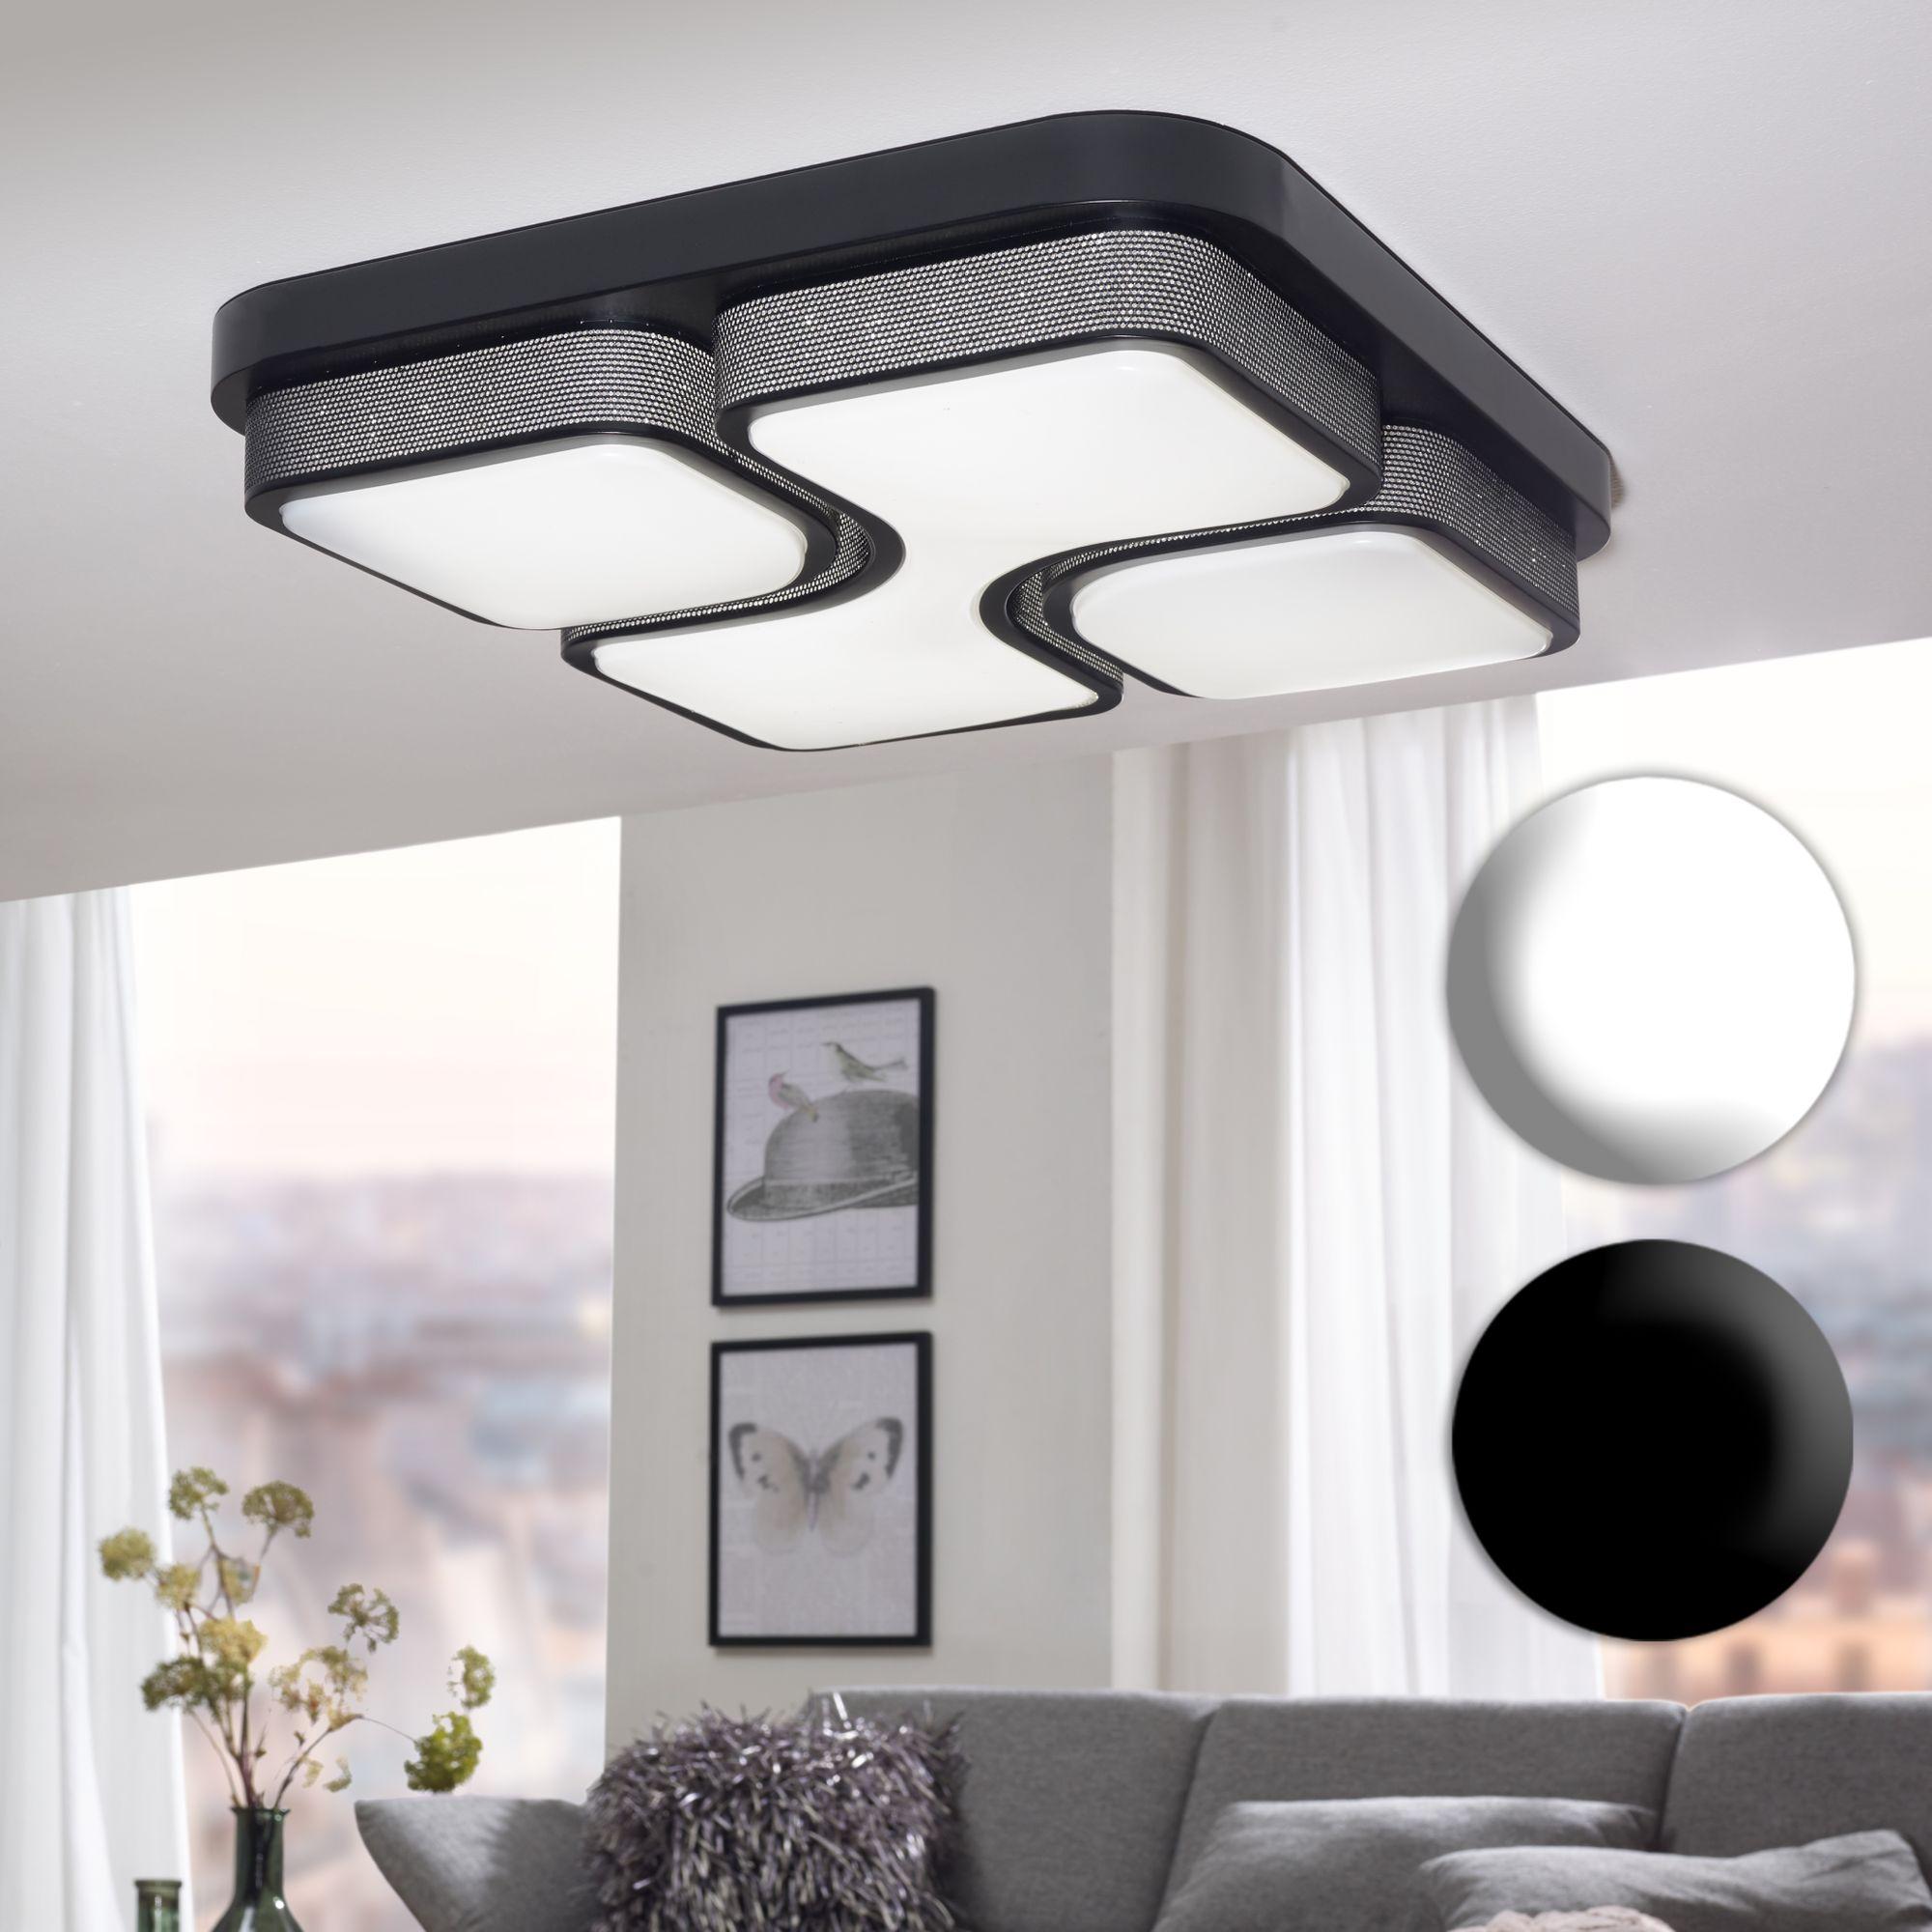 Modern LED Deckenlampe Wohnzimmer Deckenleuchte Wandlampe ...